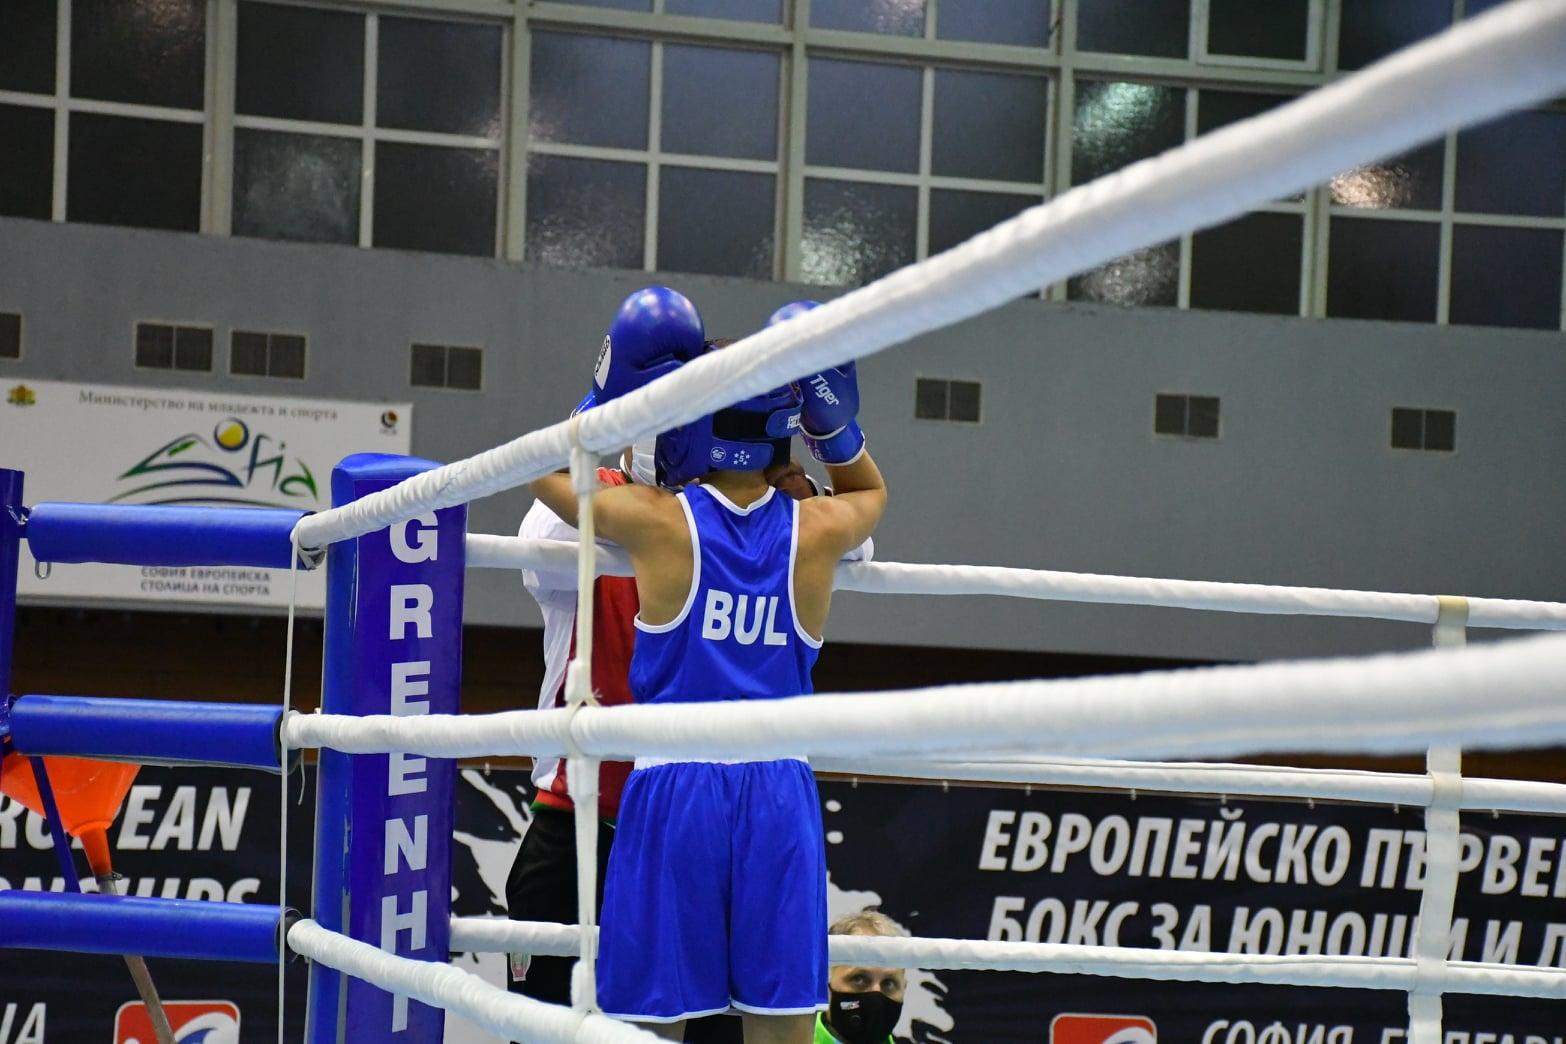 Още два медала за България от европейското по бокс